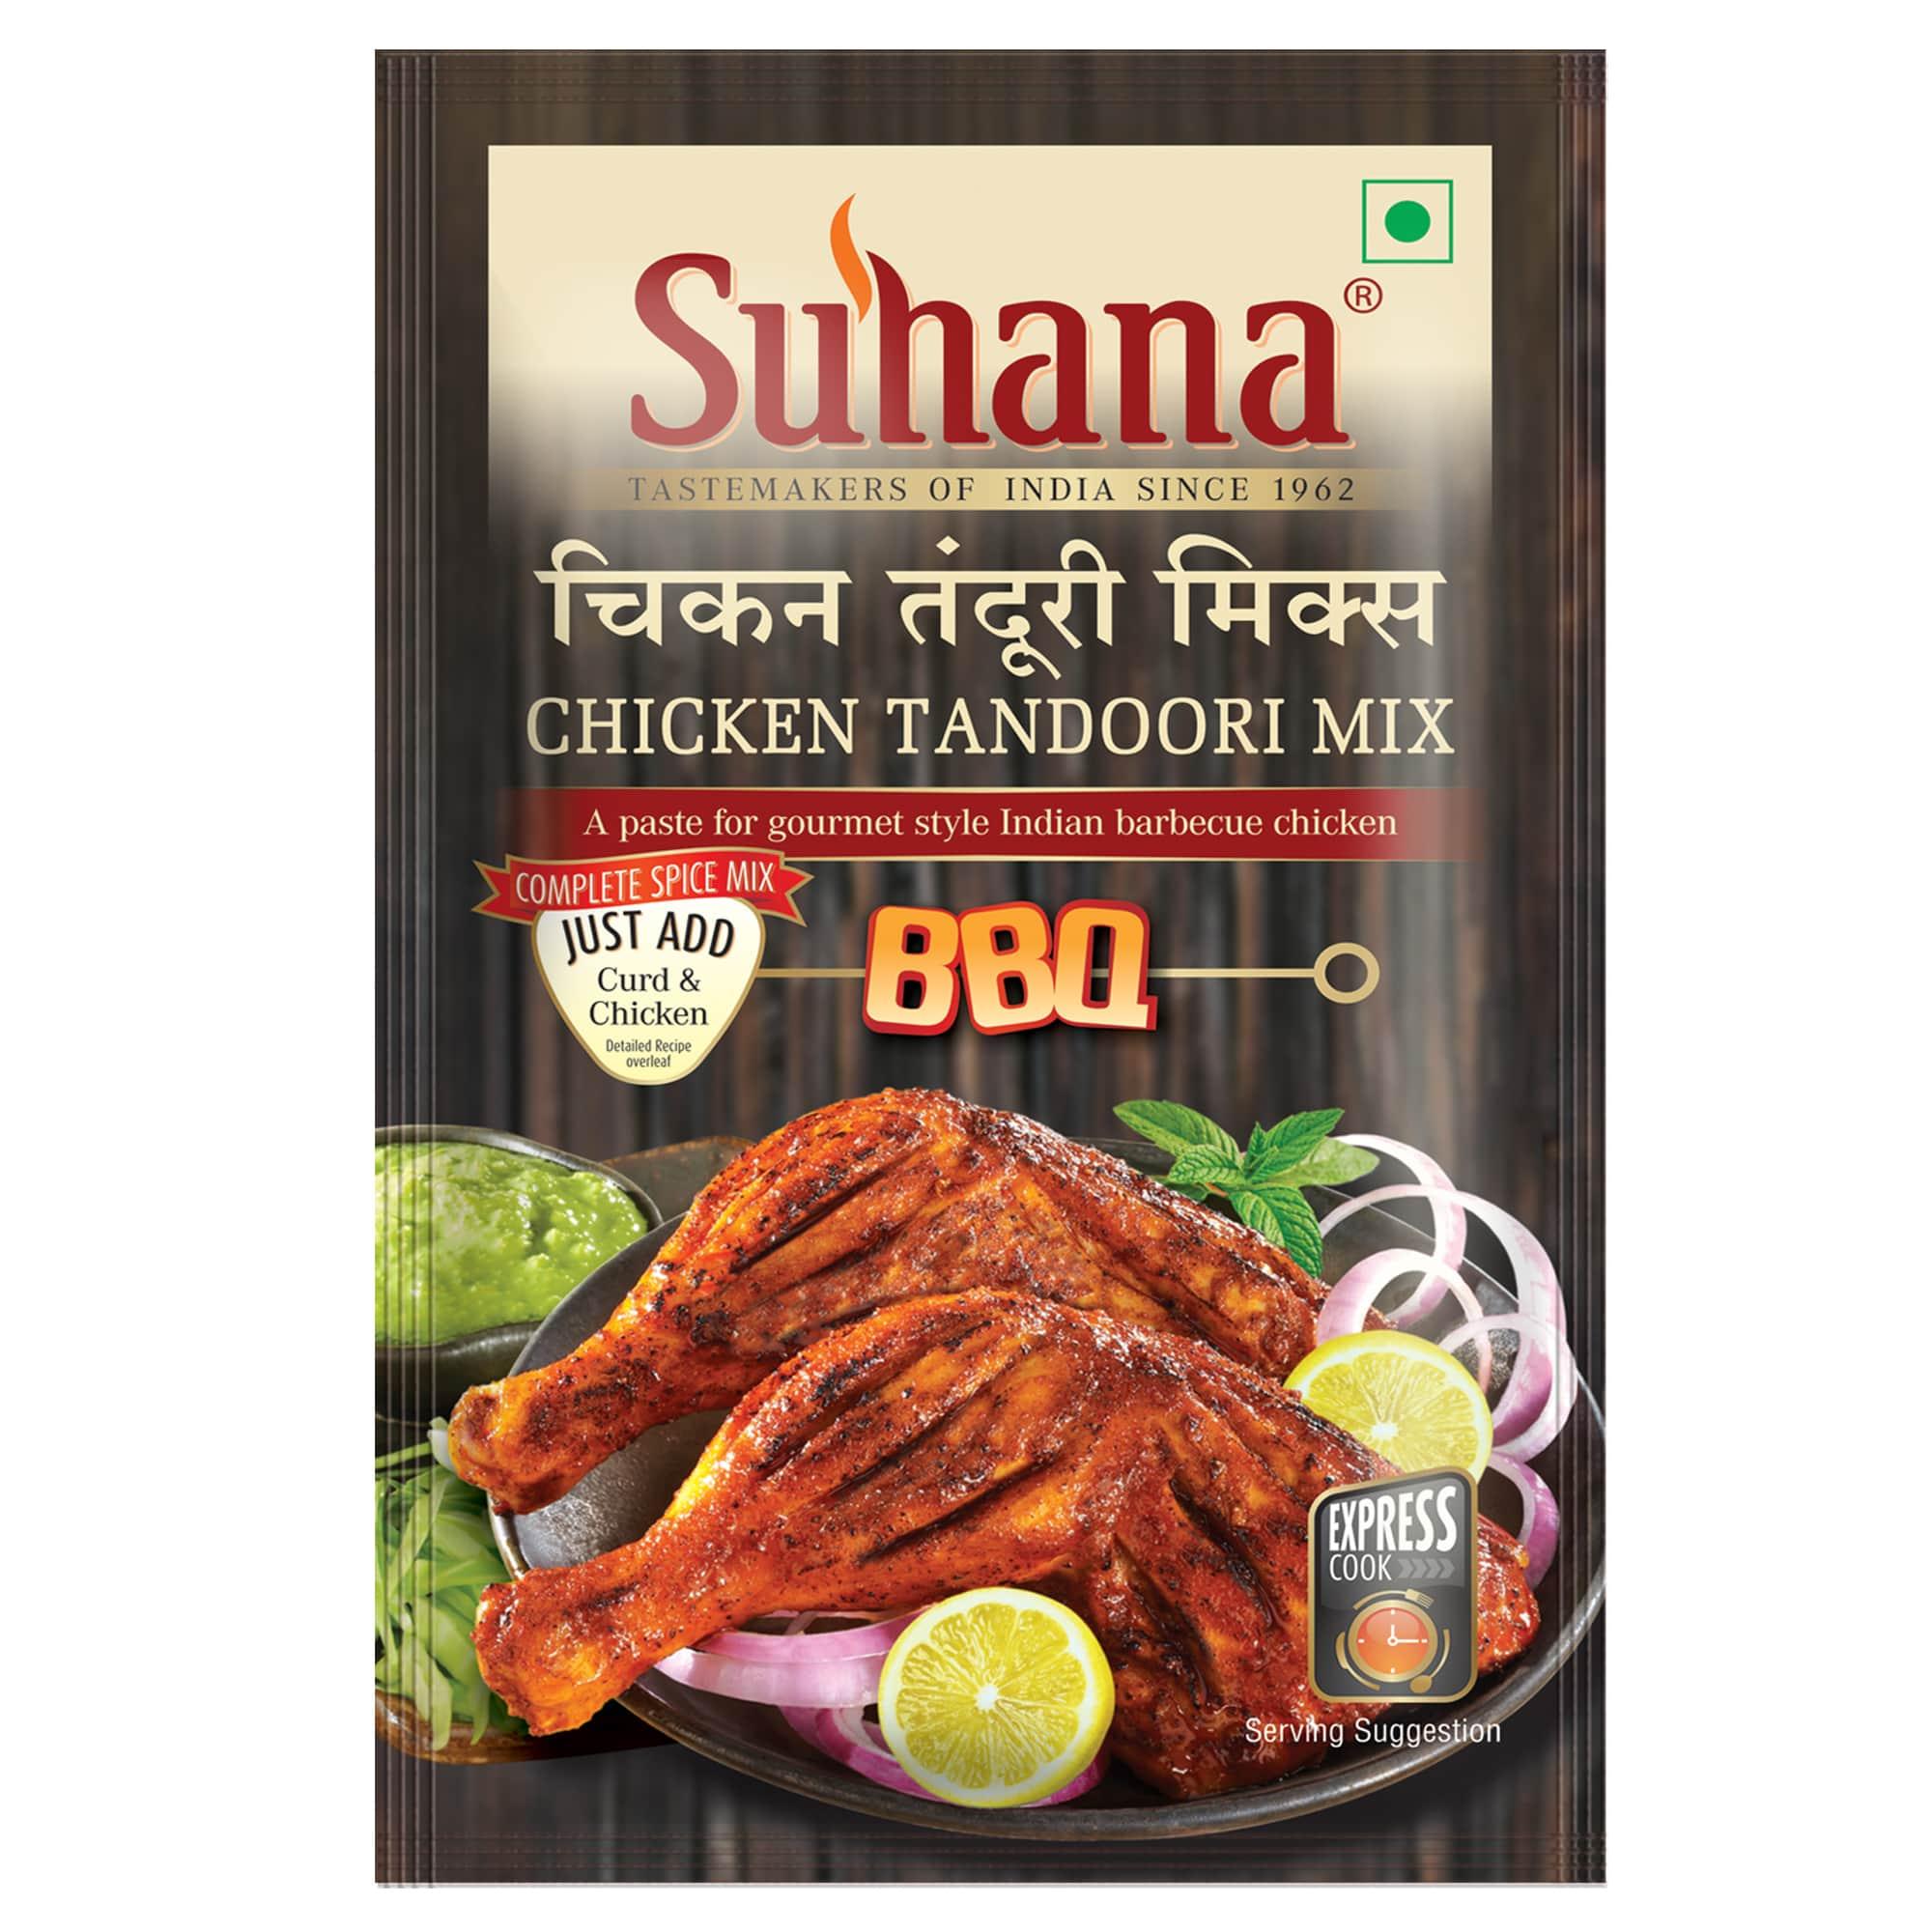 Suhana Chicken Tandoori (Paste) Spice Mix 100 g Pouch